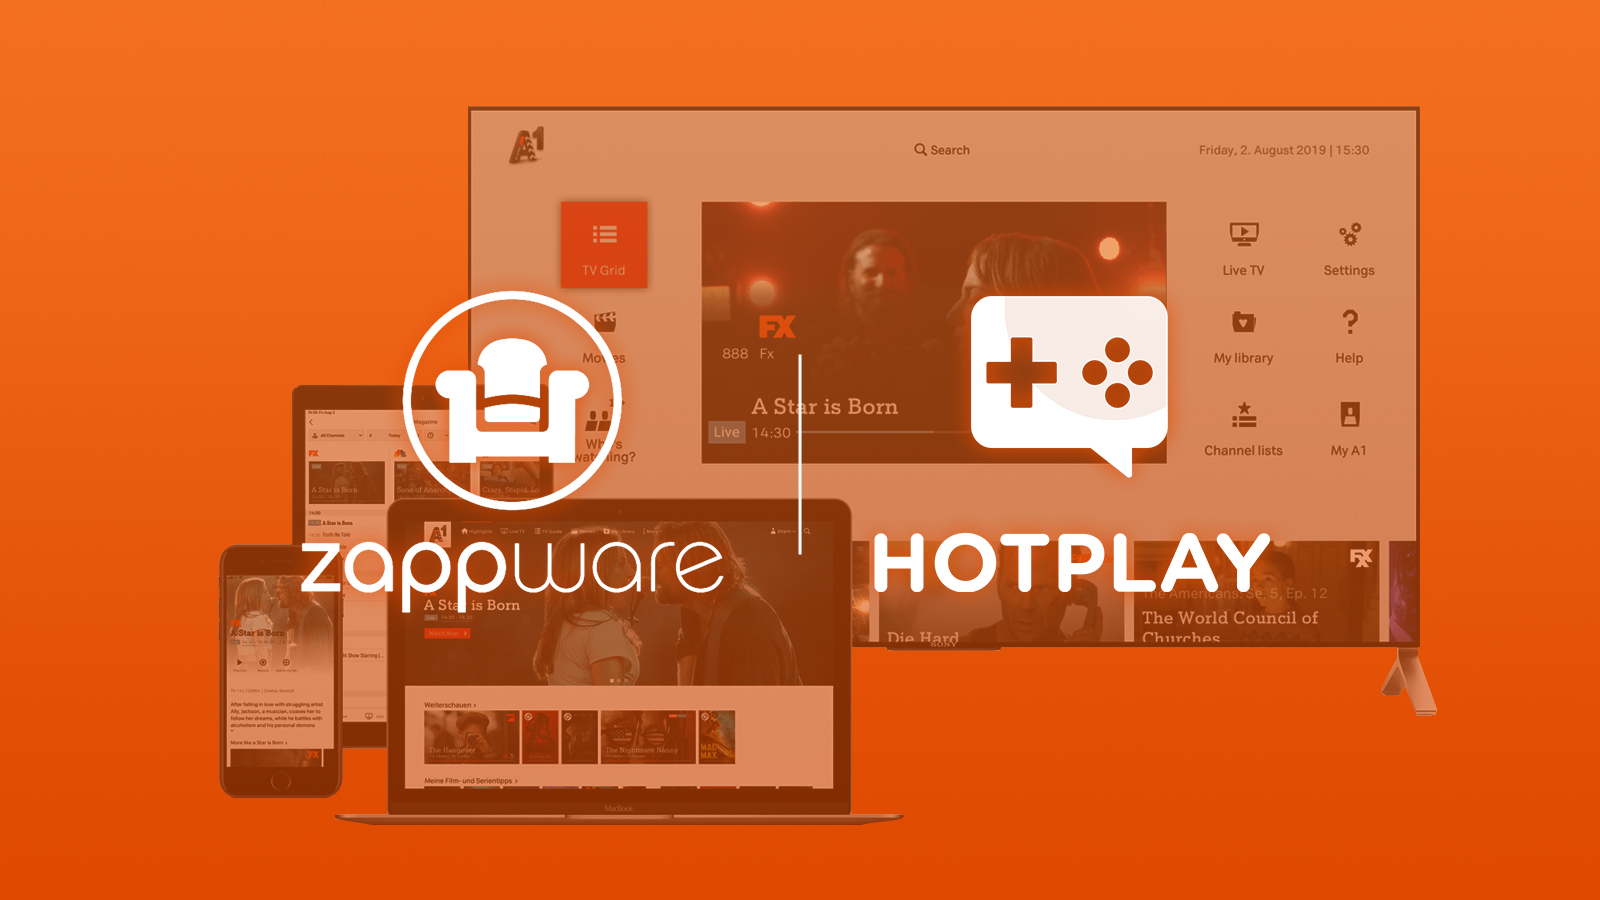 บริษัทพาร์ทเนอร์ในเครือของ Monaker Group ประกาศเข้าซื้อกิจการบริษัทผู้ให้บริการเทคโนโลยีทีวีดิจิทัลชั้นนำ พร้อมดำเนินแผนขยายกิจการเชิงรุกของแพลตฟอร์มโฆษณา HotPlay ทั่วโลก